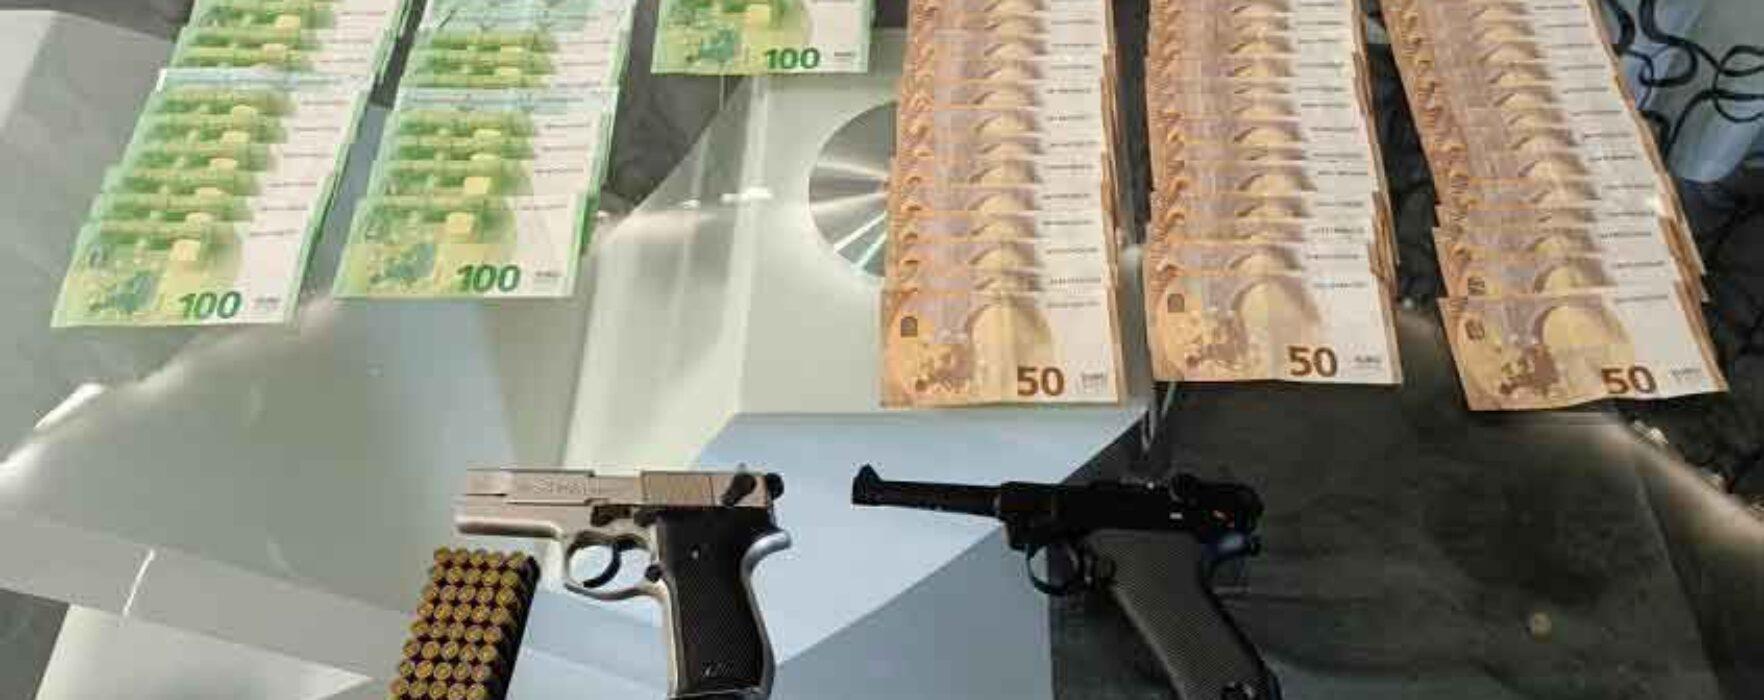 Dâmboviţa: Prinşi în flagrant în timp ce practicau ilegal jocuri de noroc, poturile erau de mii de euro